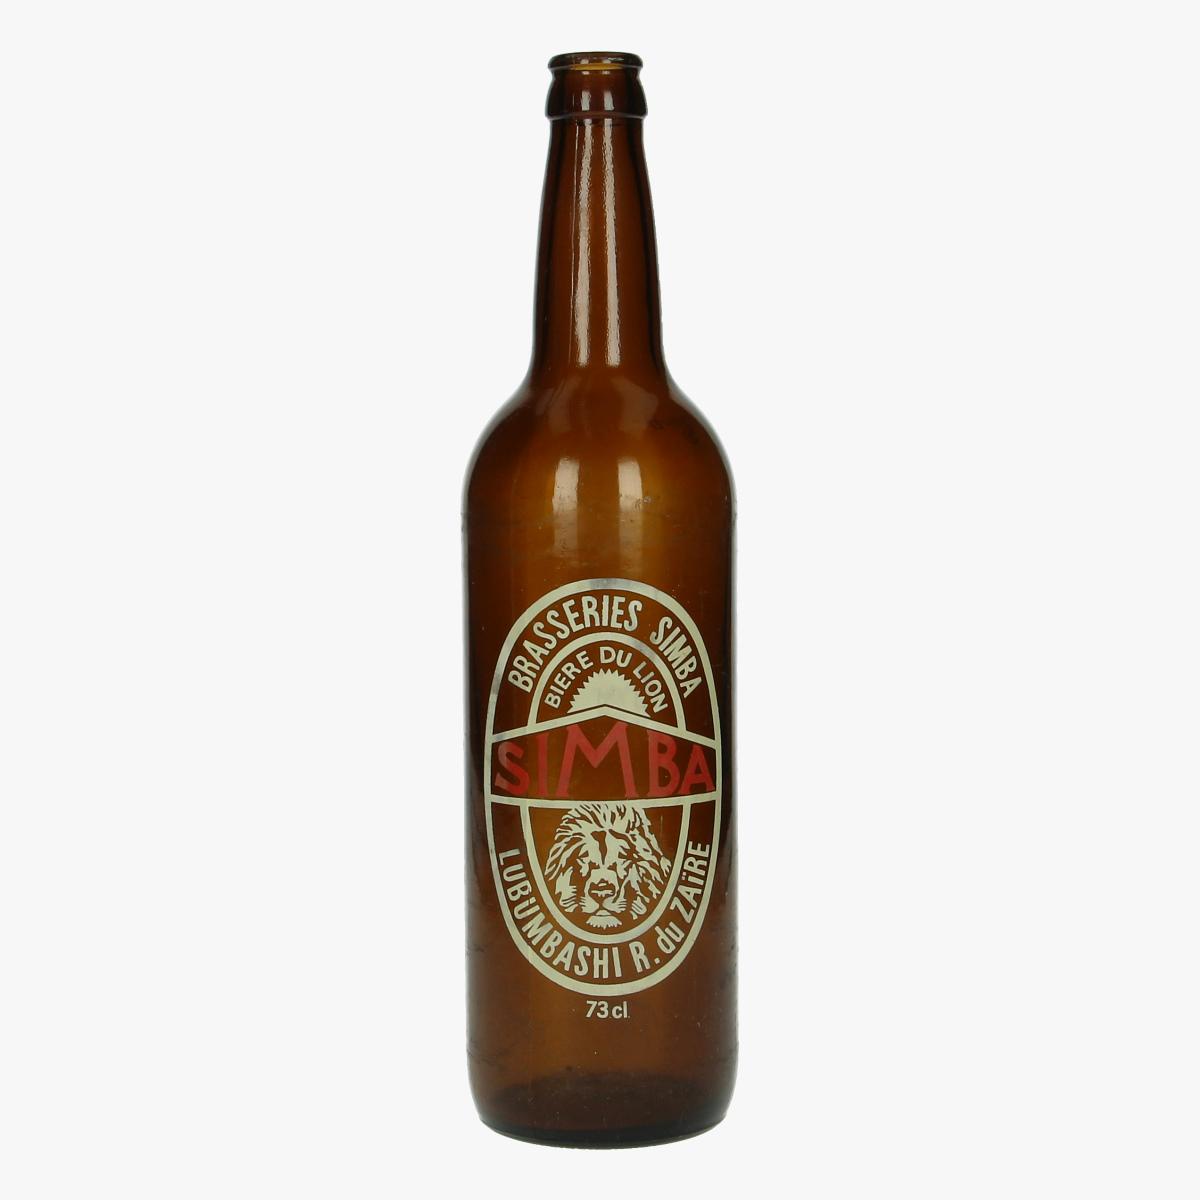 Afbeeldingen van oude bierfles brasseries simba